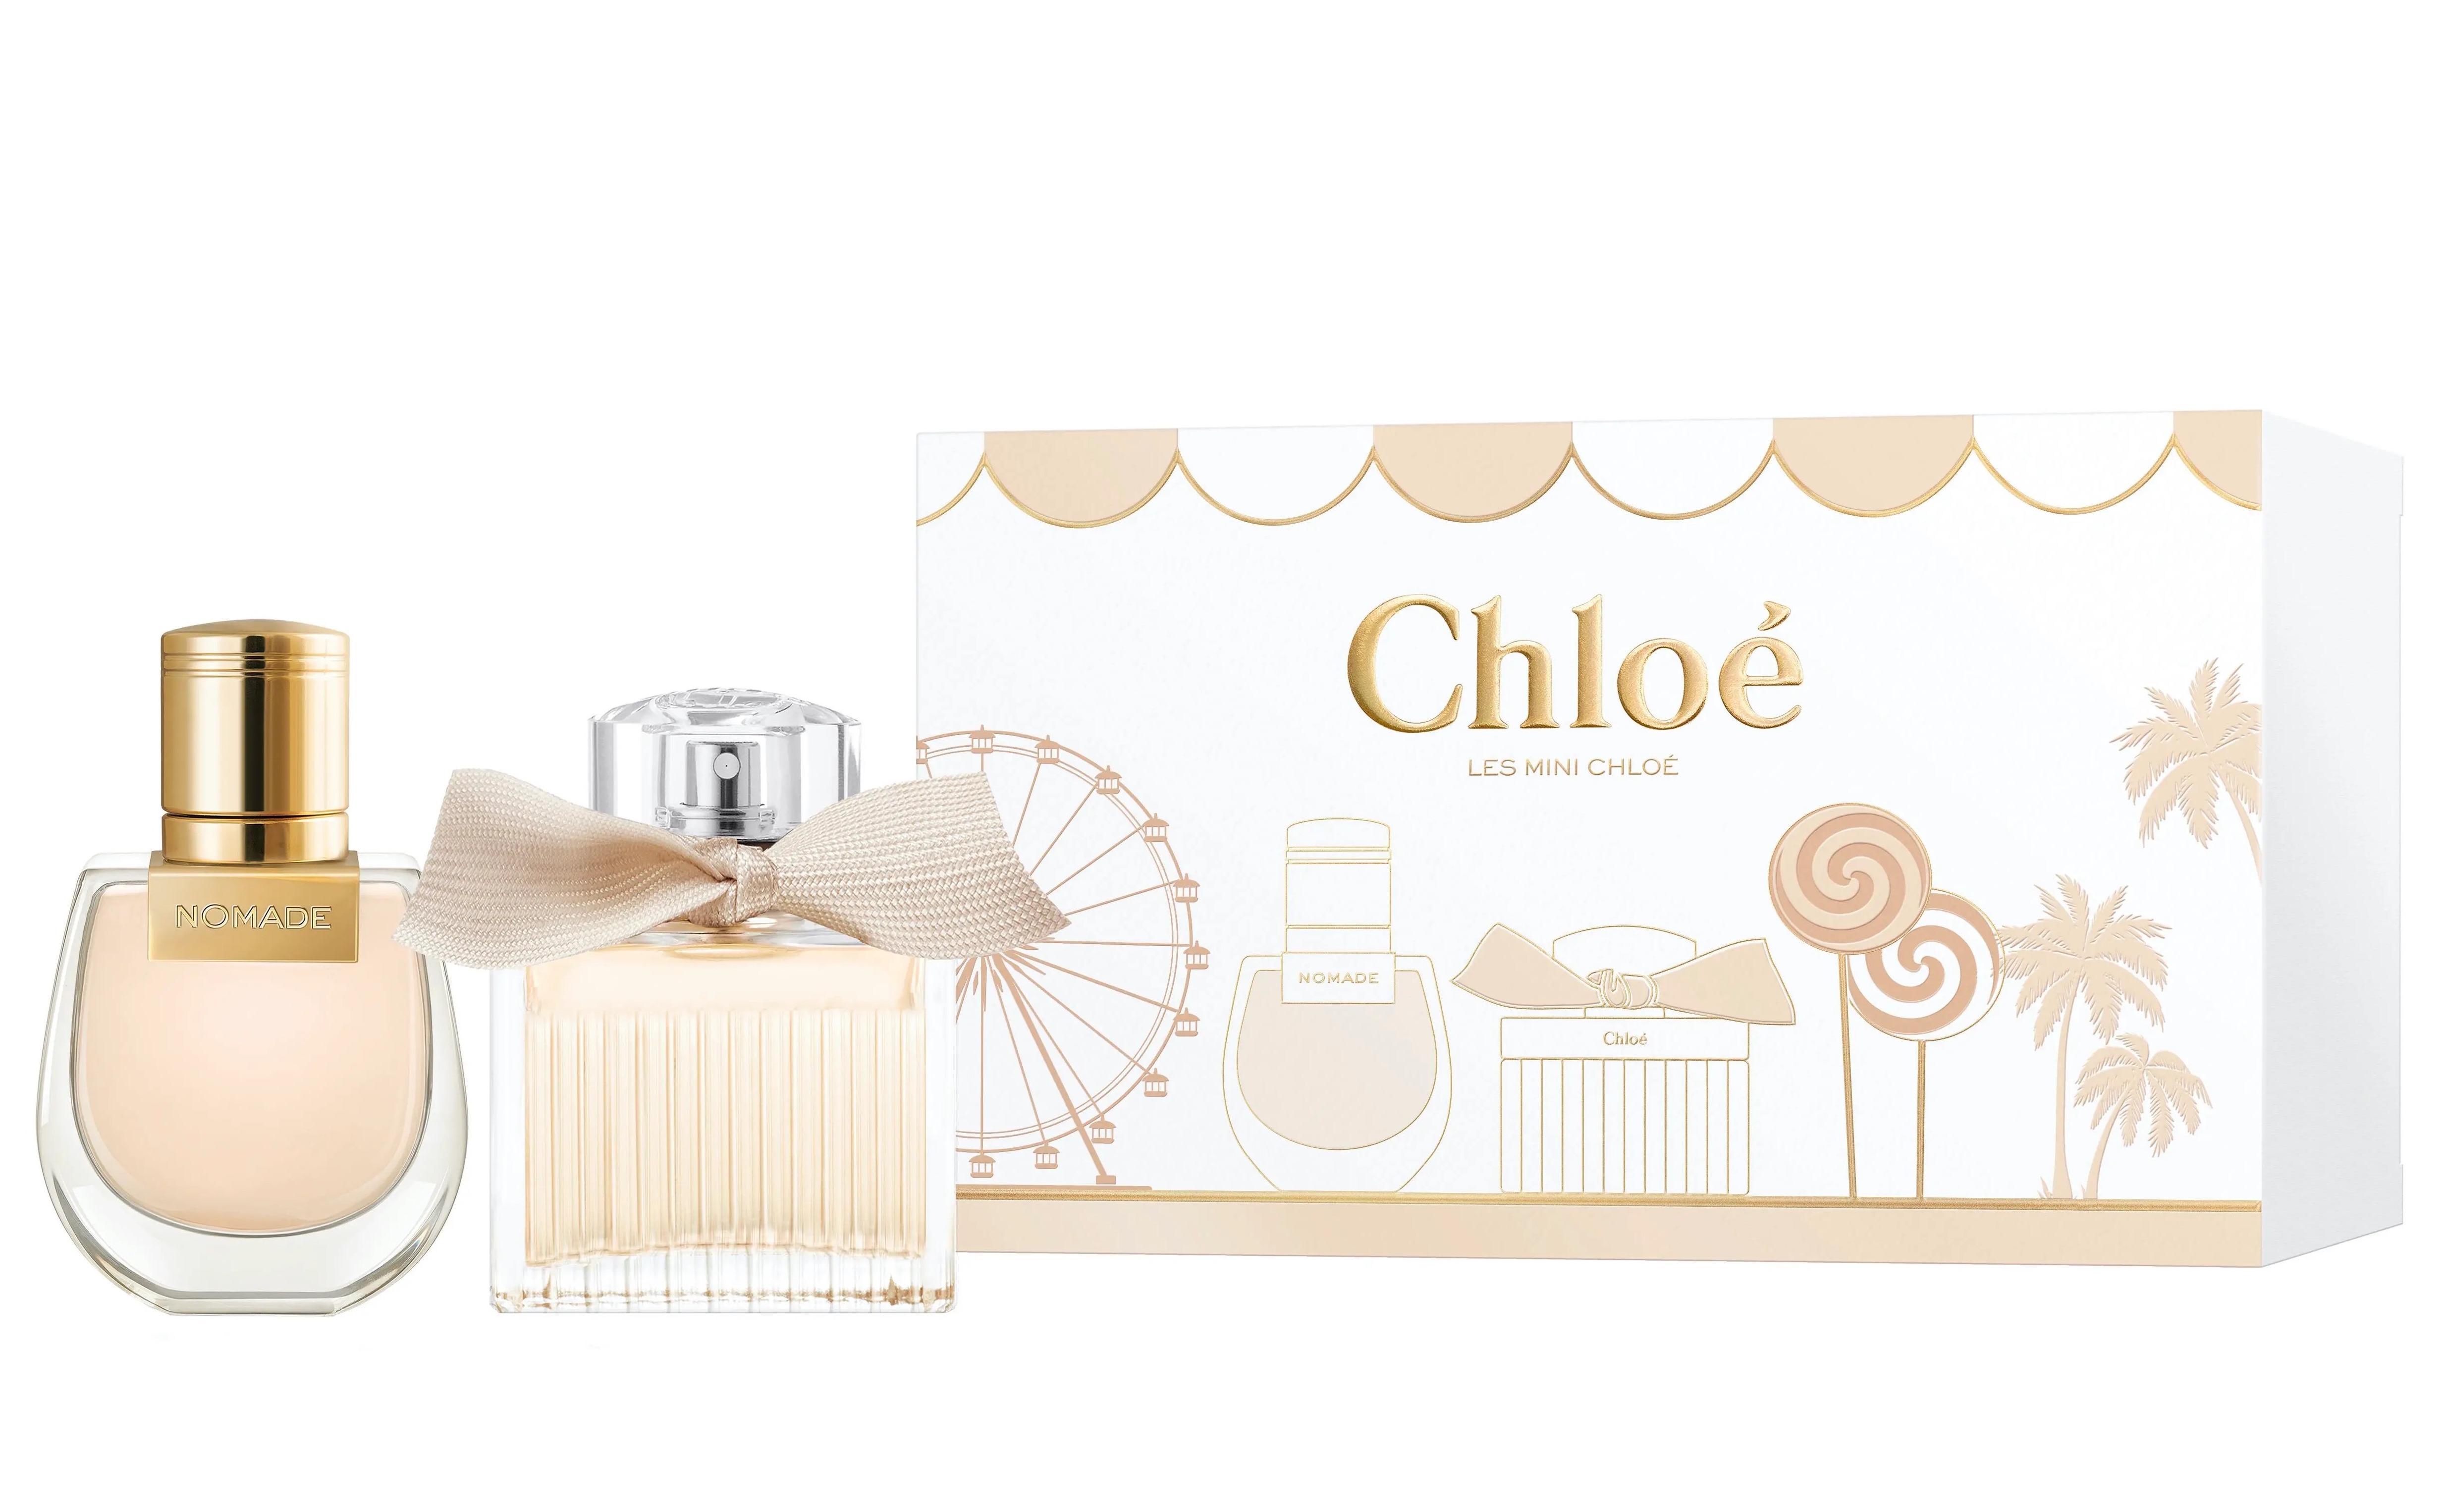 『クロエ』の2つの香りを一度に楽しめるチャンス! ミニサイズのボトルも可愛い♡【新作コスメニュース】_1